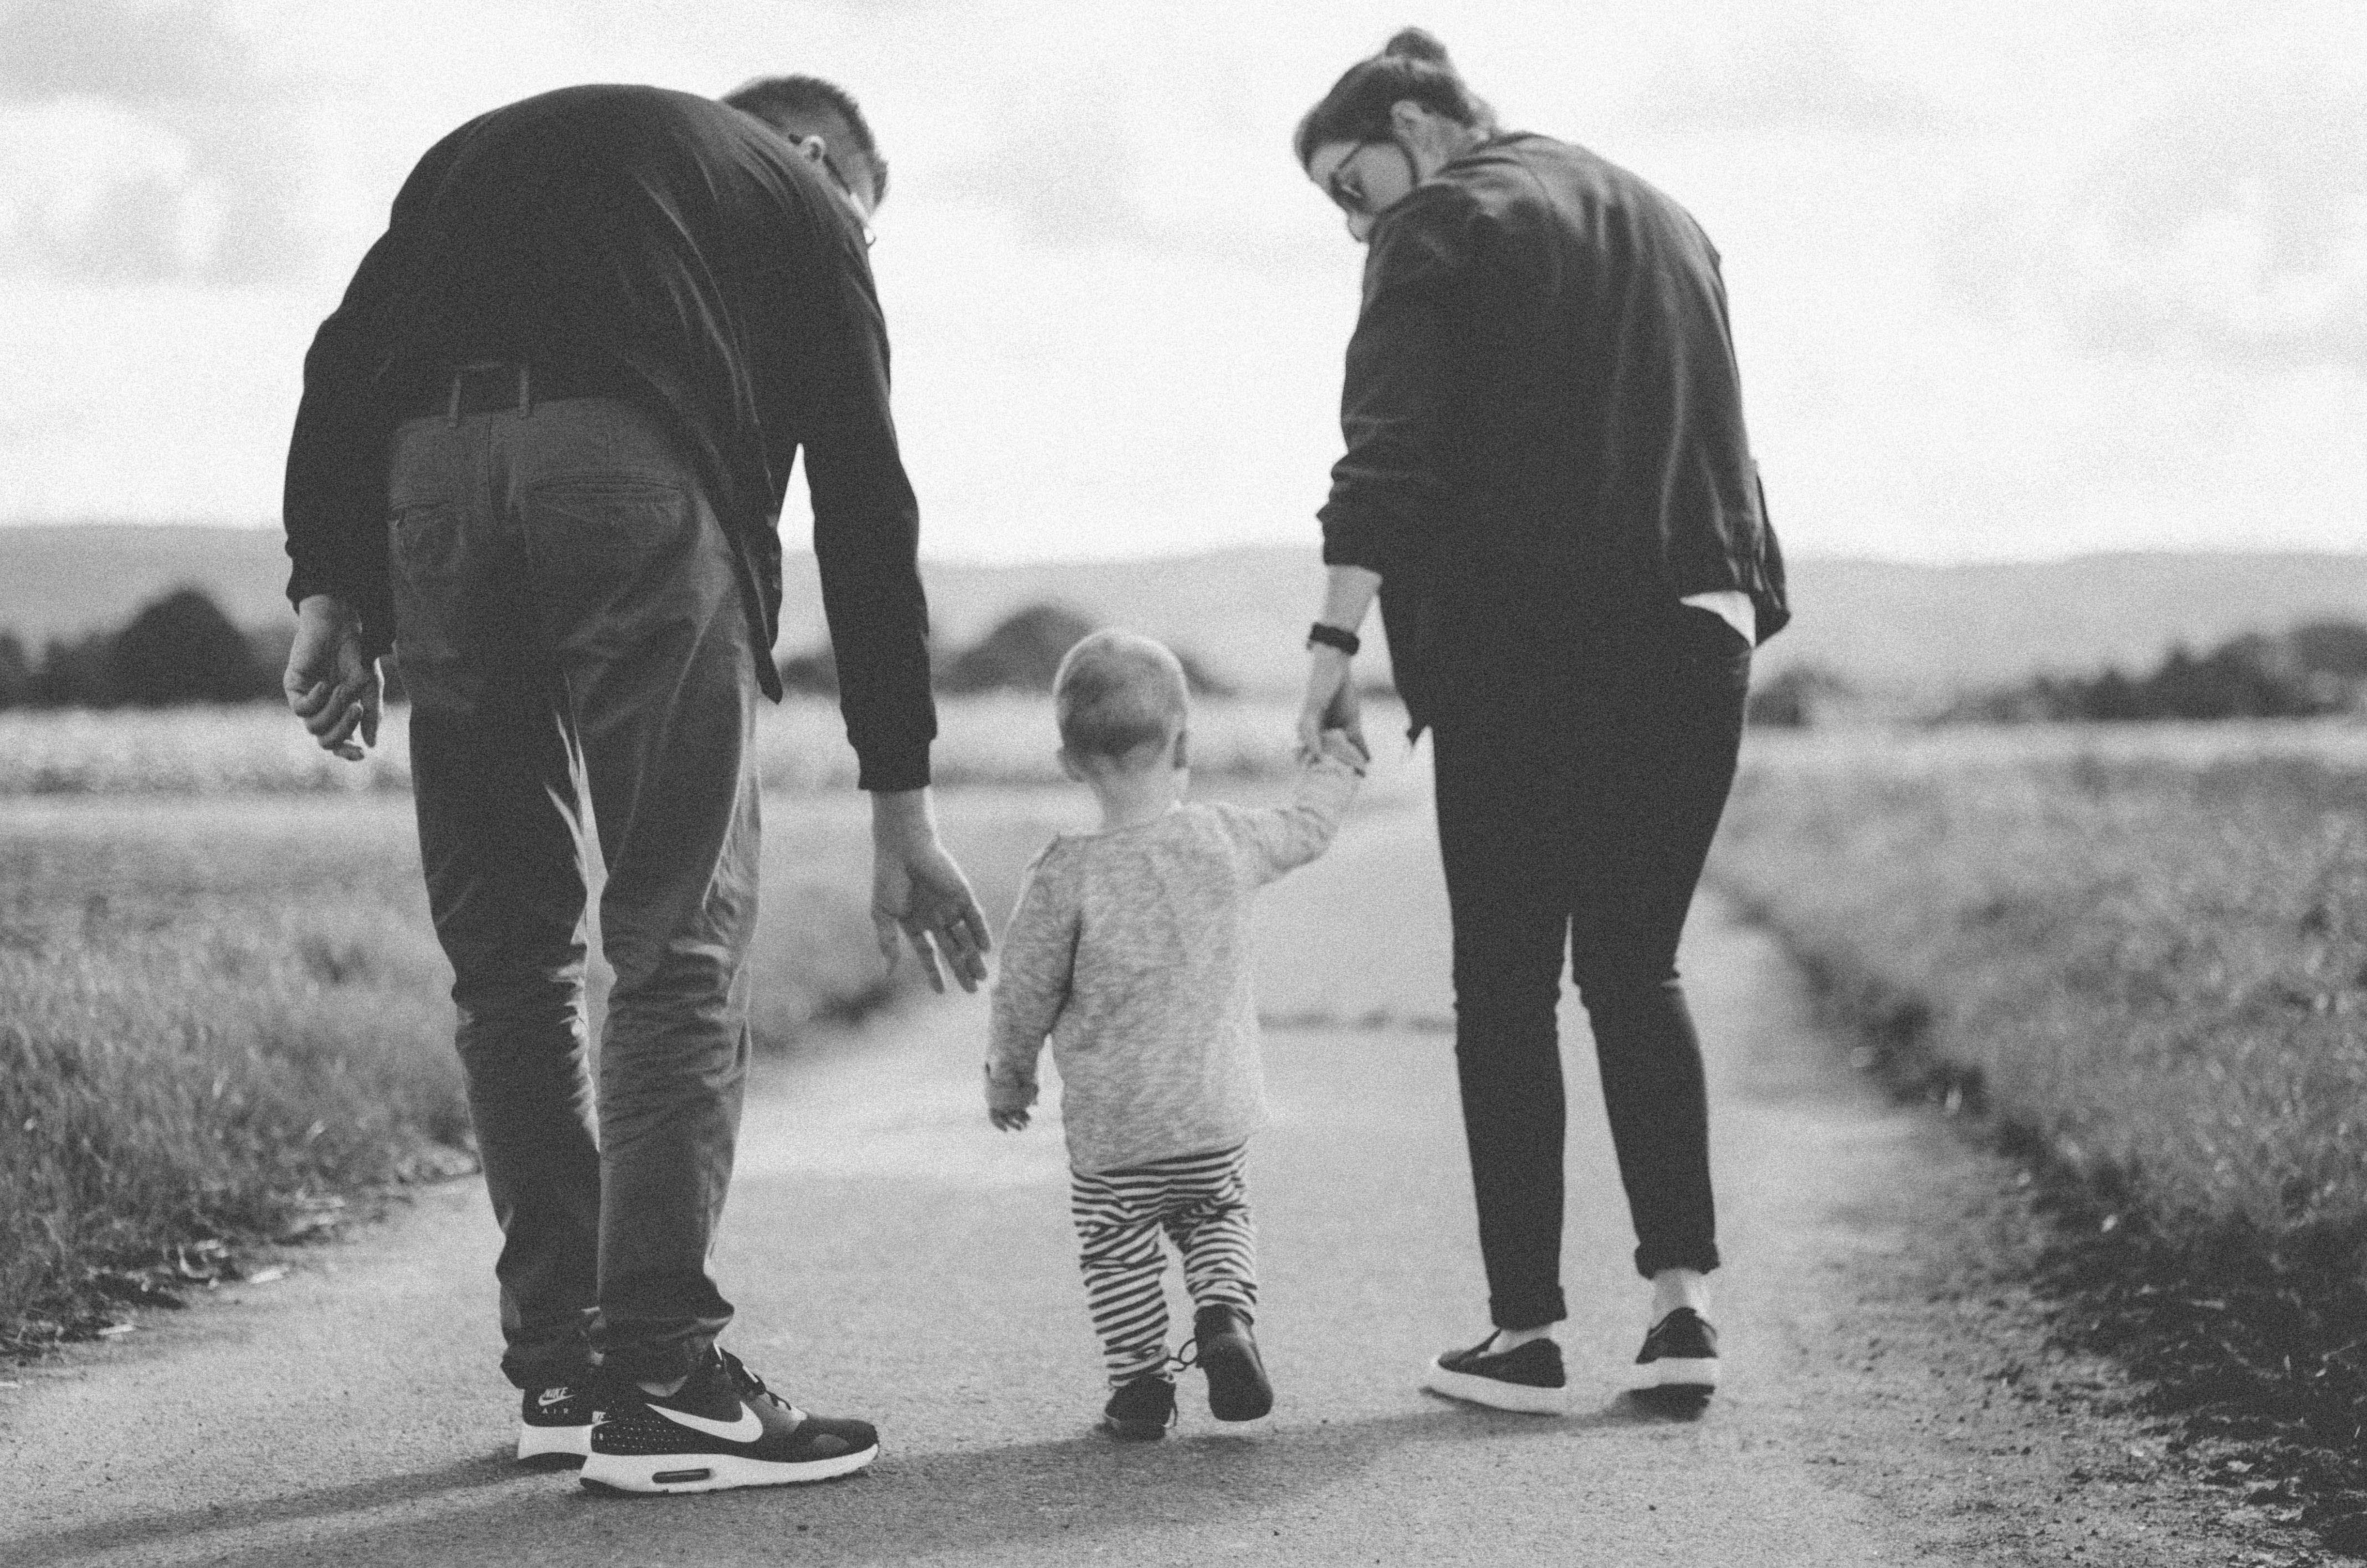 Dokumentarisches-Familienportrait